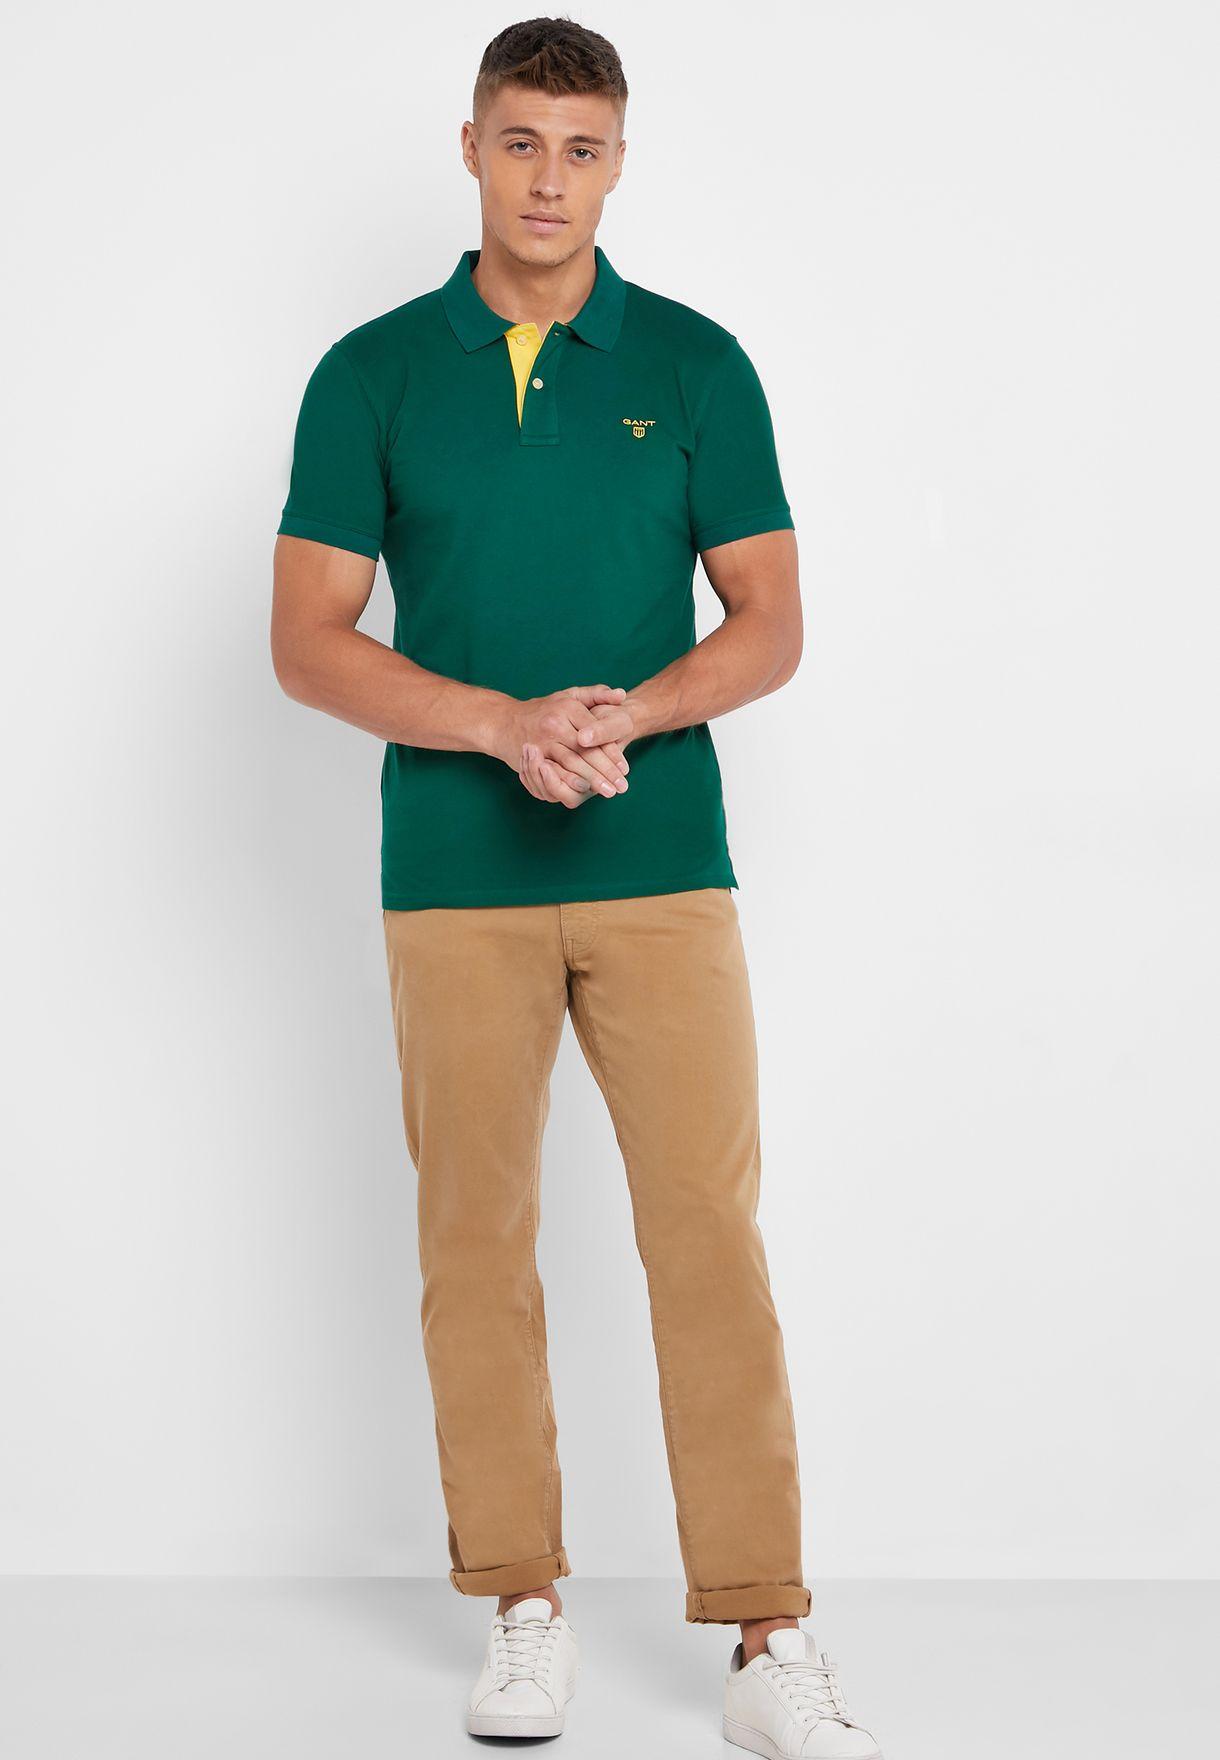 Contrast Collar Pique Polo